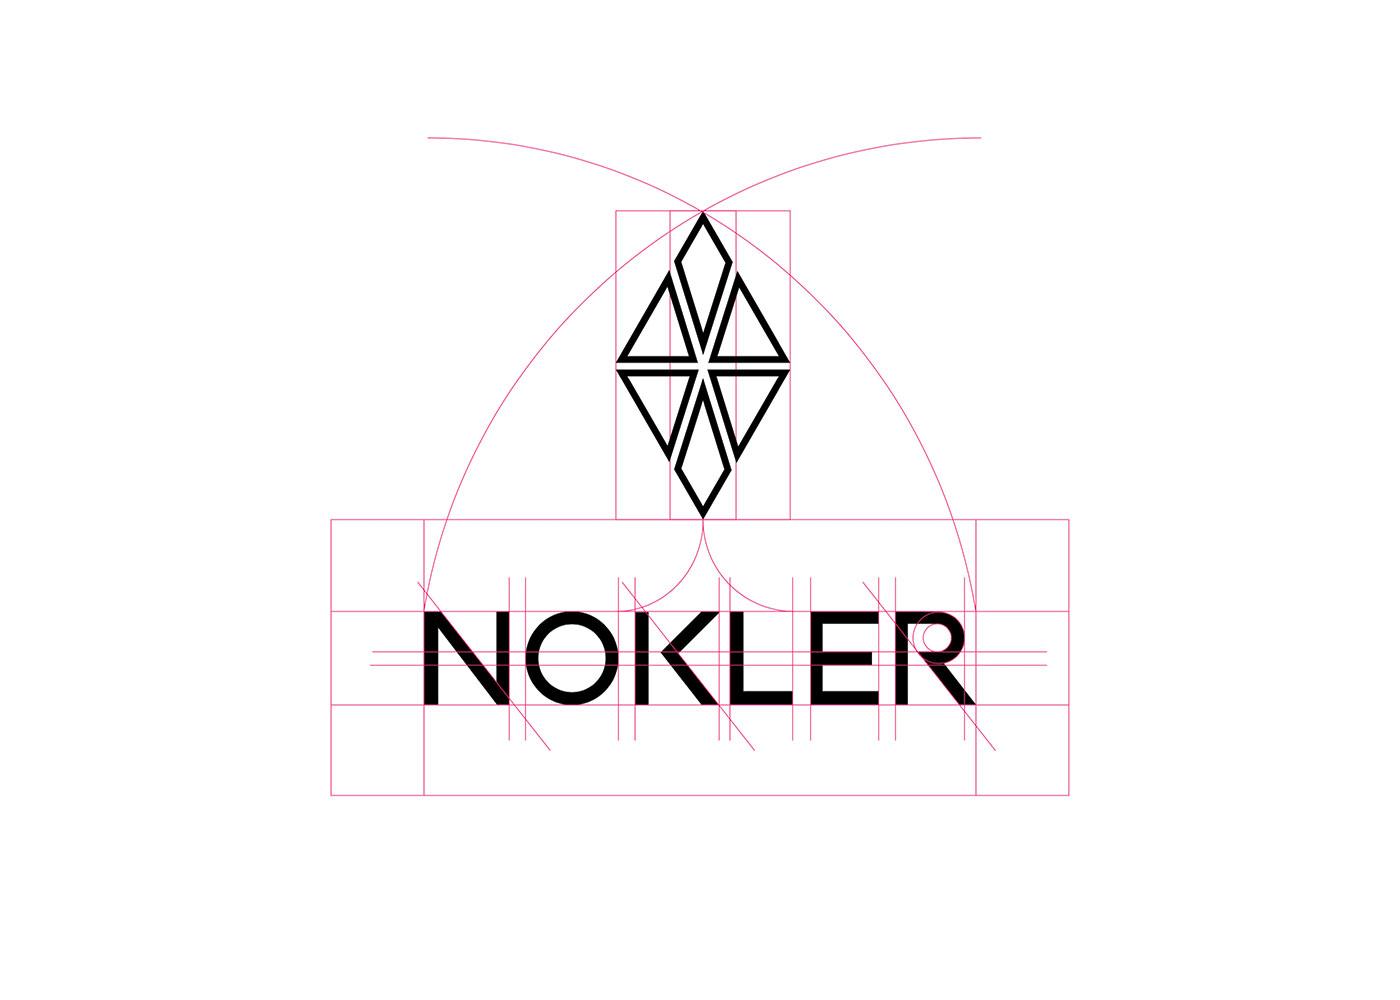 grafioc milano nokler logo 01